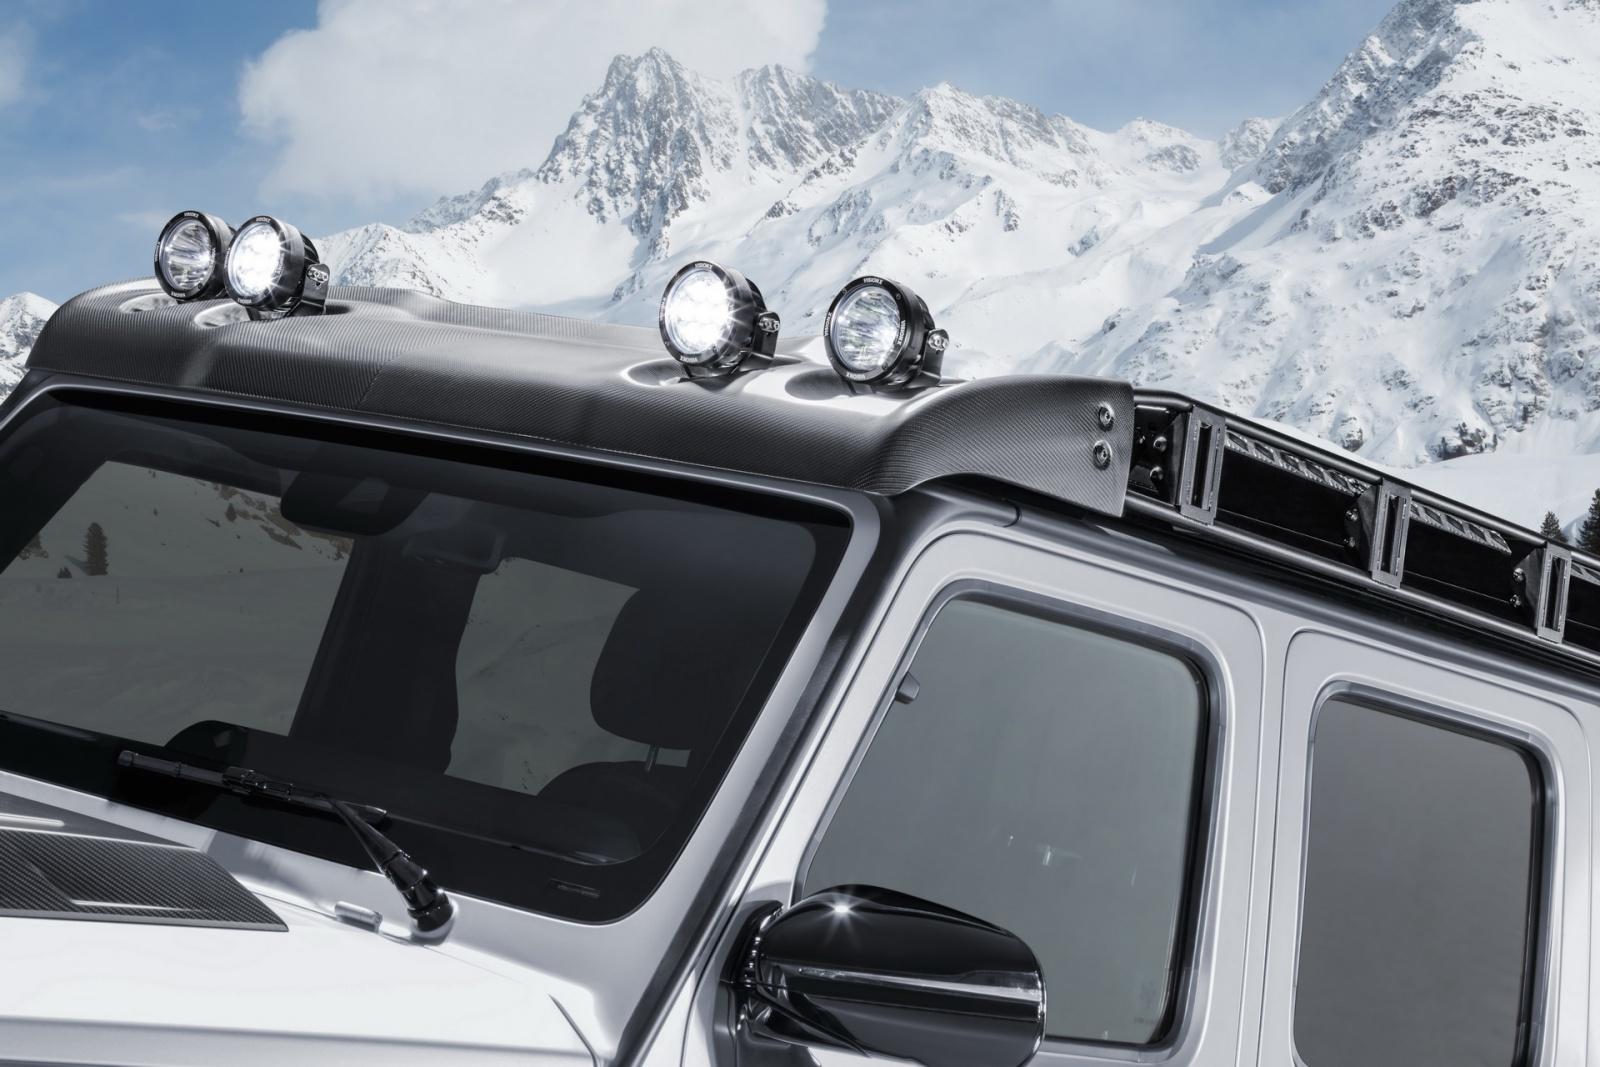 Название: Brabus-800-Adventure-XLP-16.jpg Просмотров: 697  Размер: 430.6 Кб